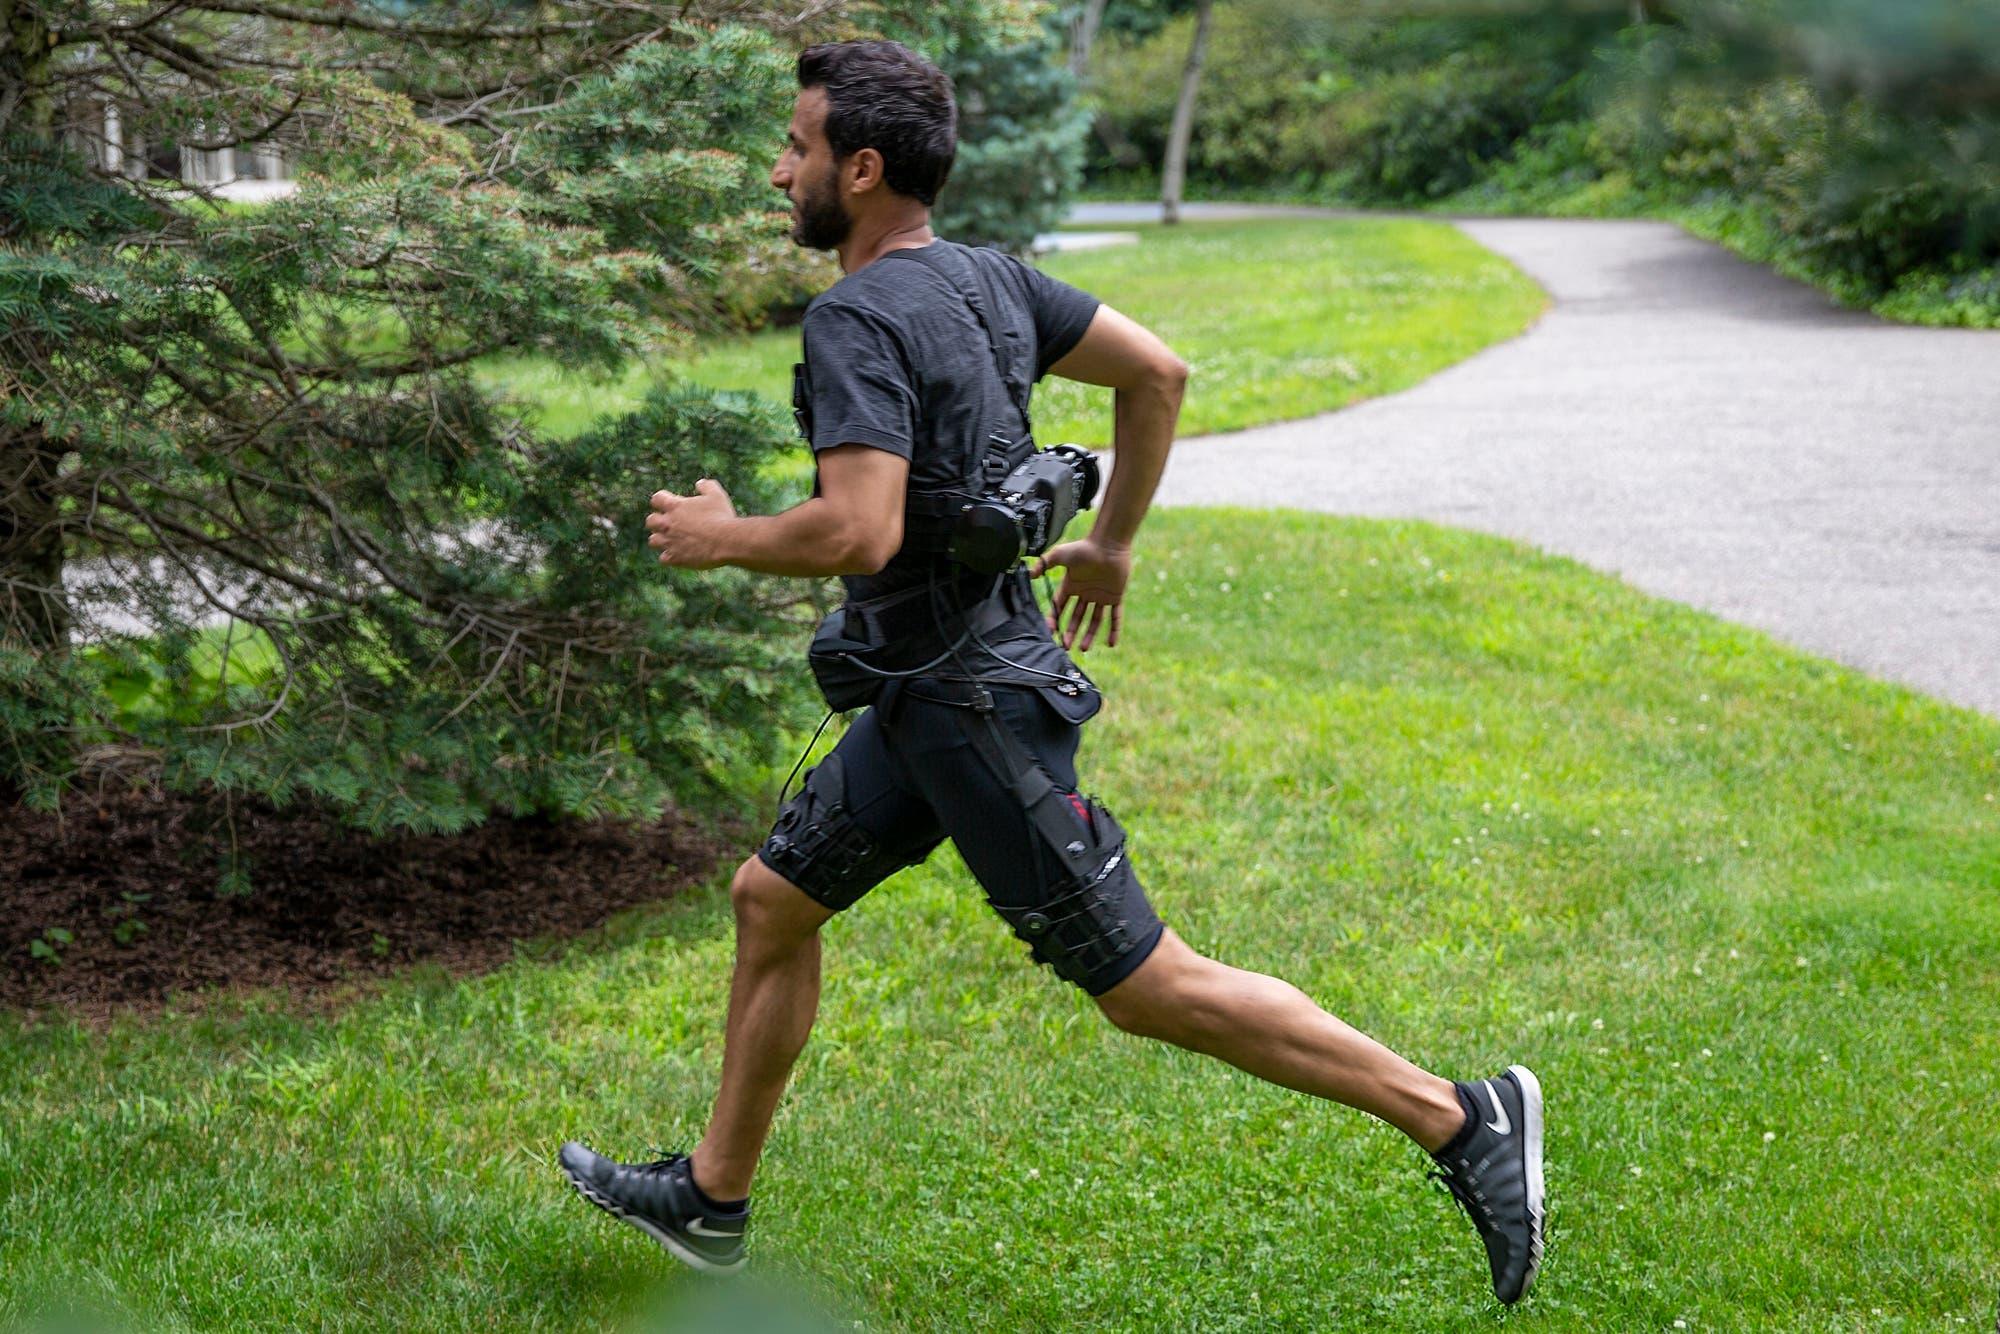 Este exotraje robótico ayuda a su portador a caminar y correr